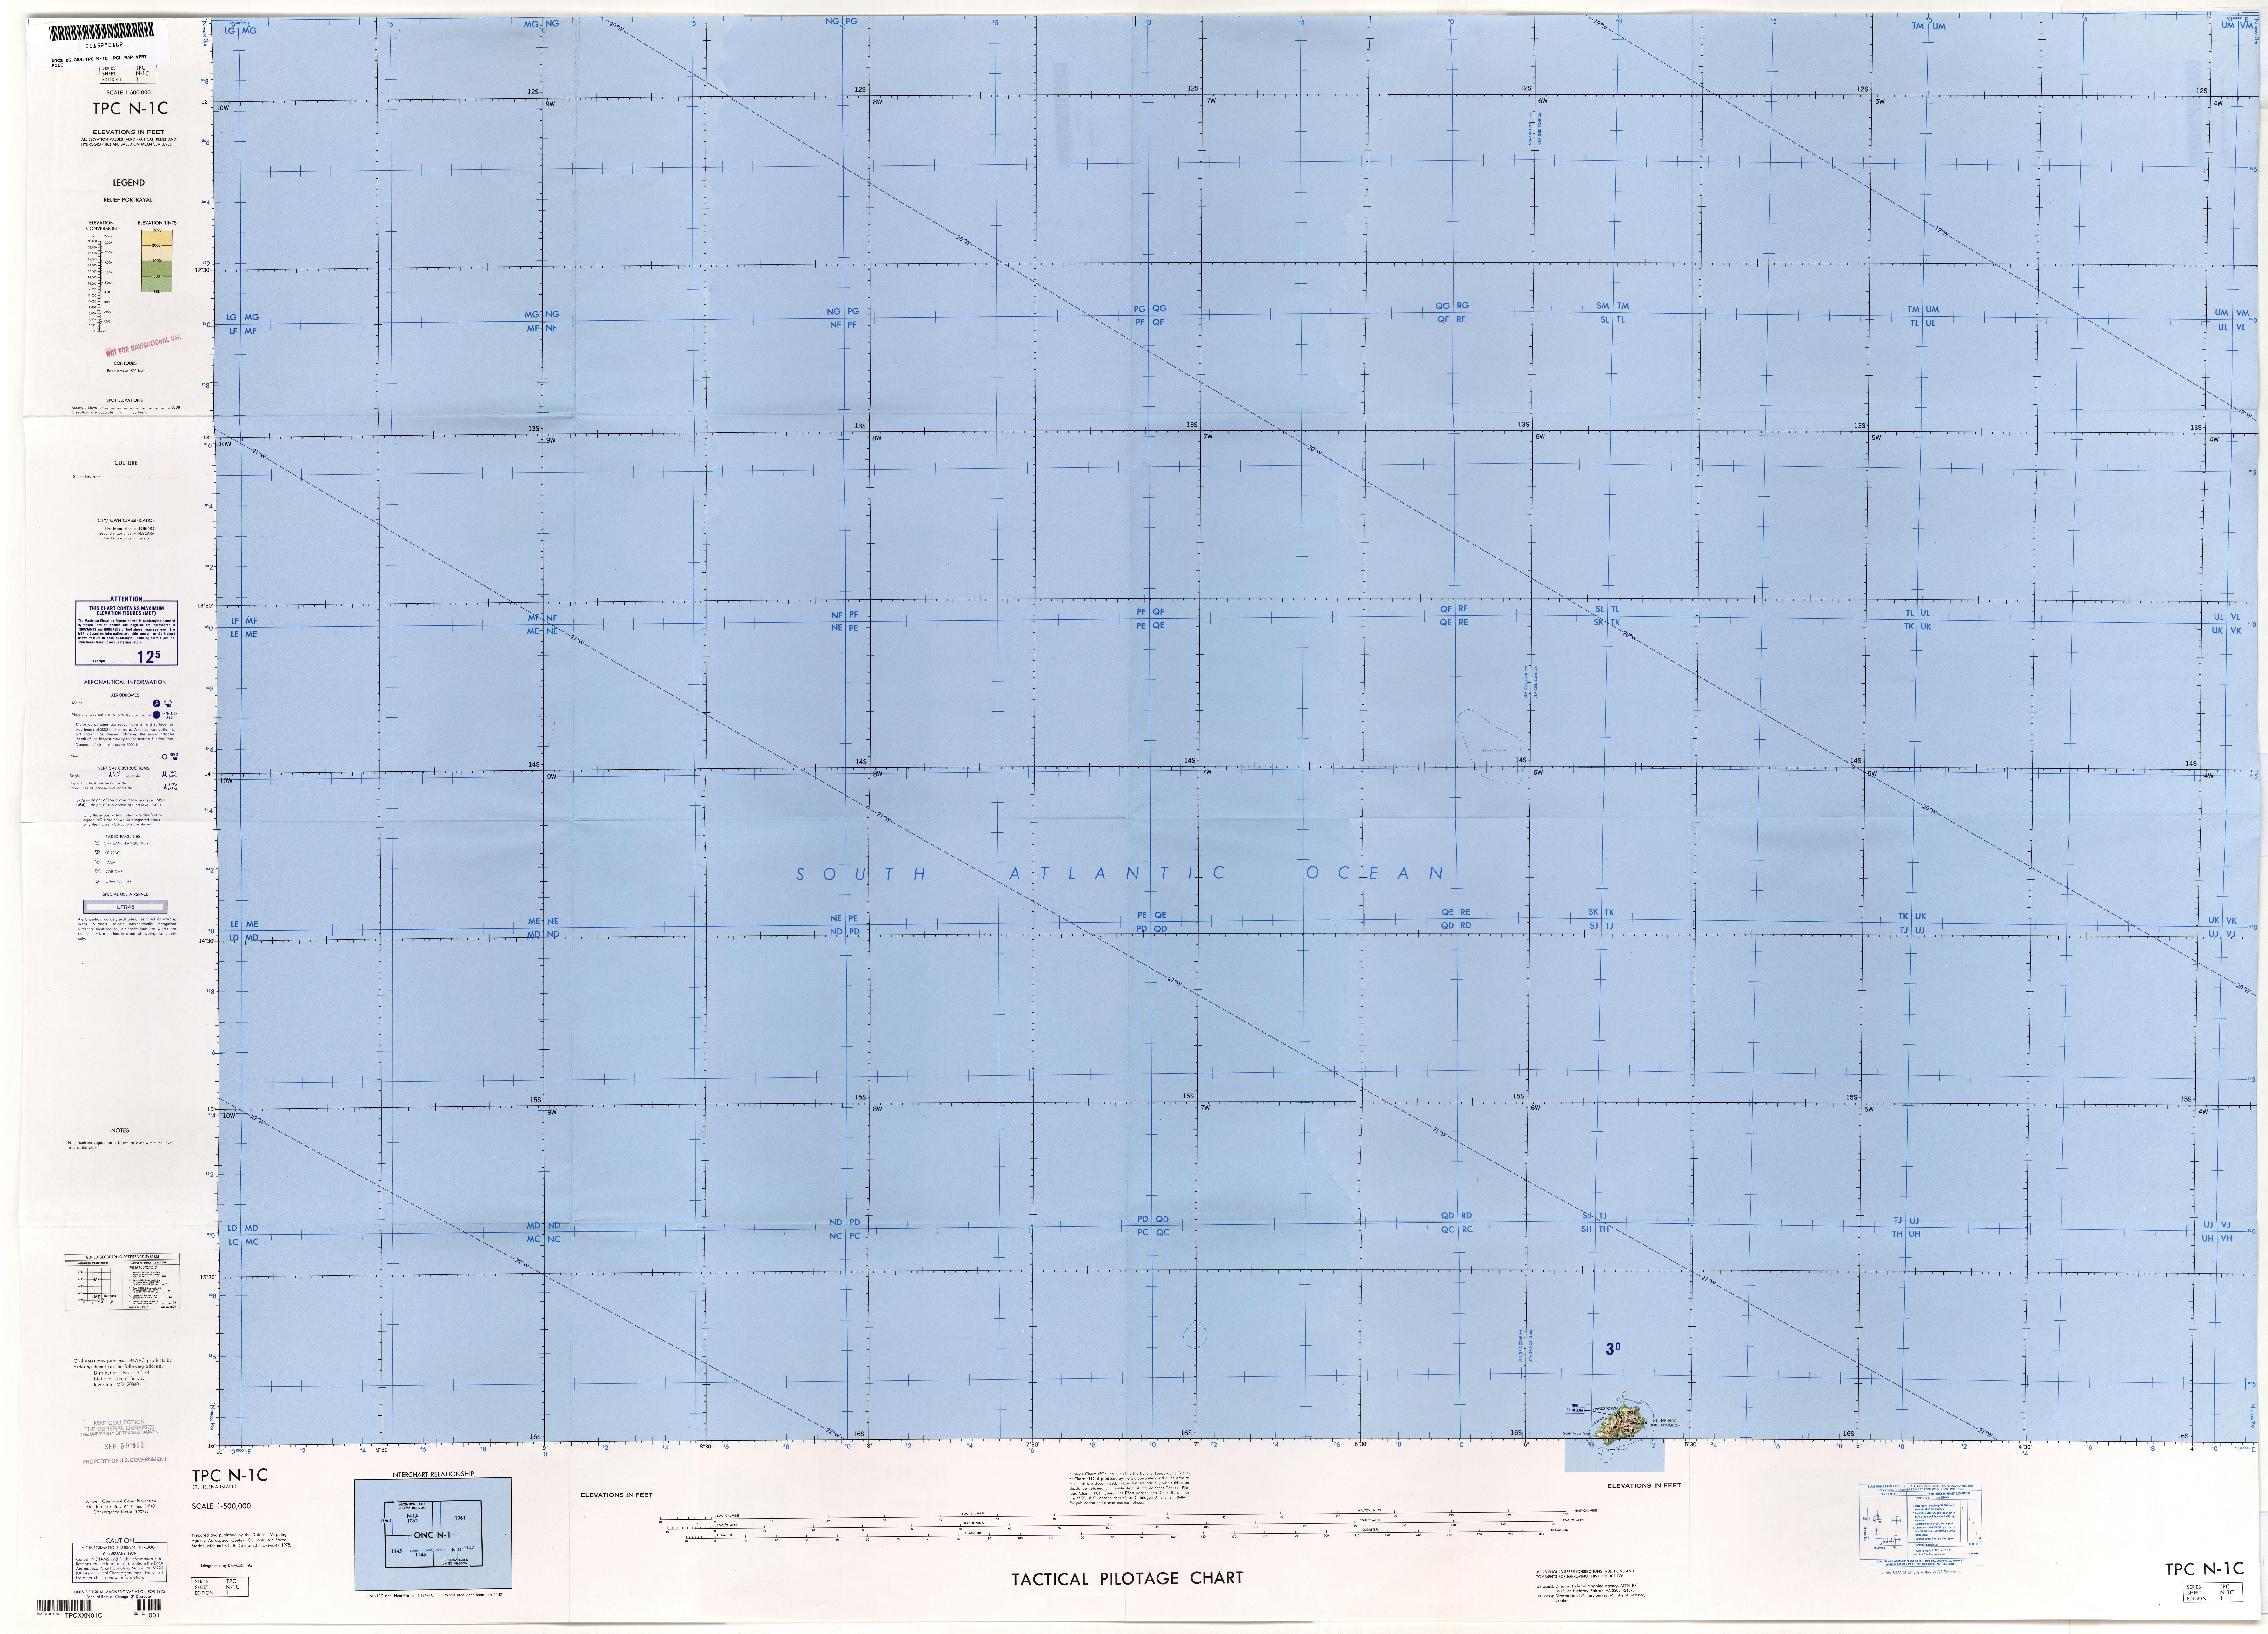 Tactical pilotage chart